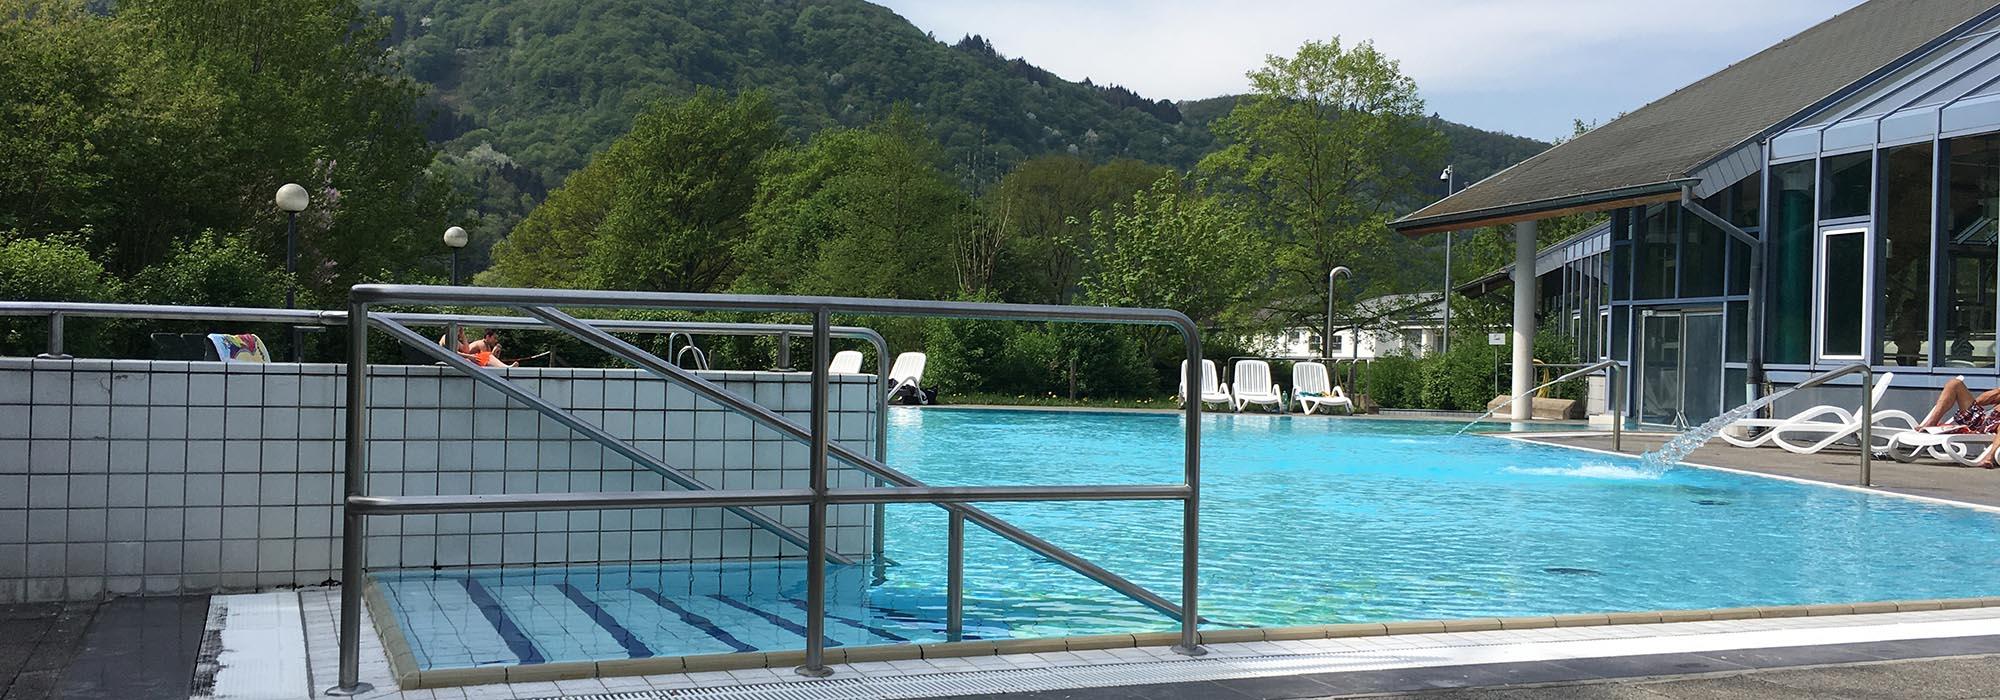 SchwimmbadZellIMG_3730